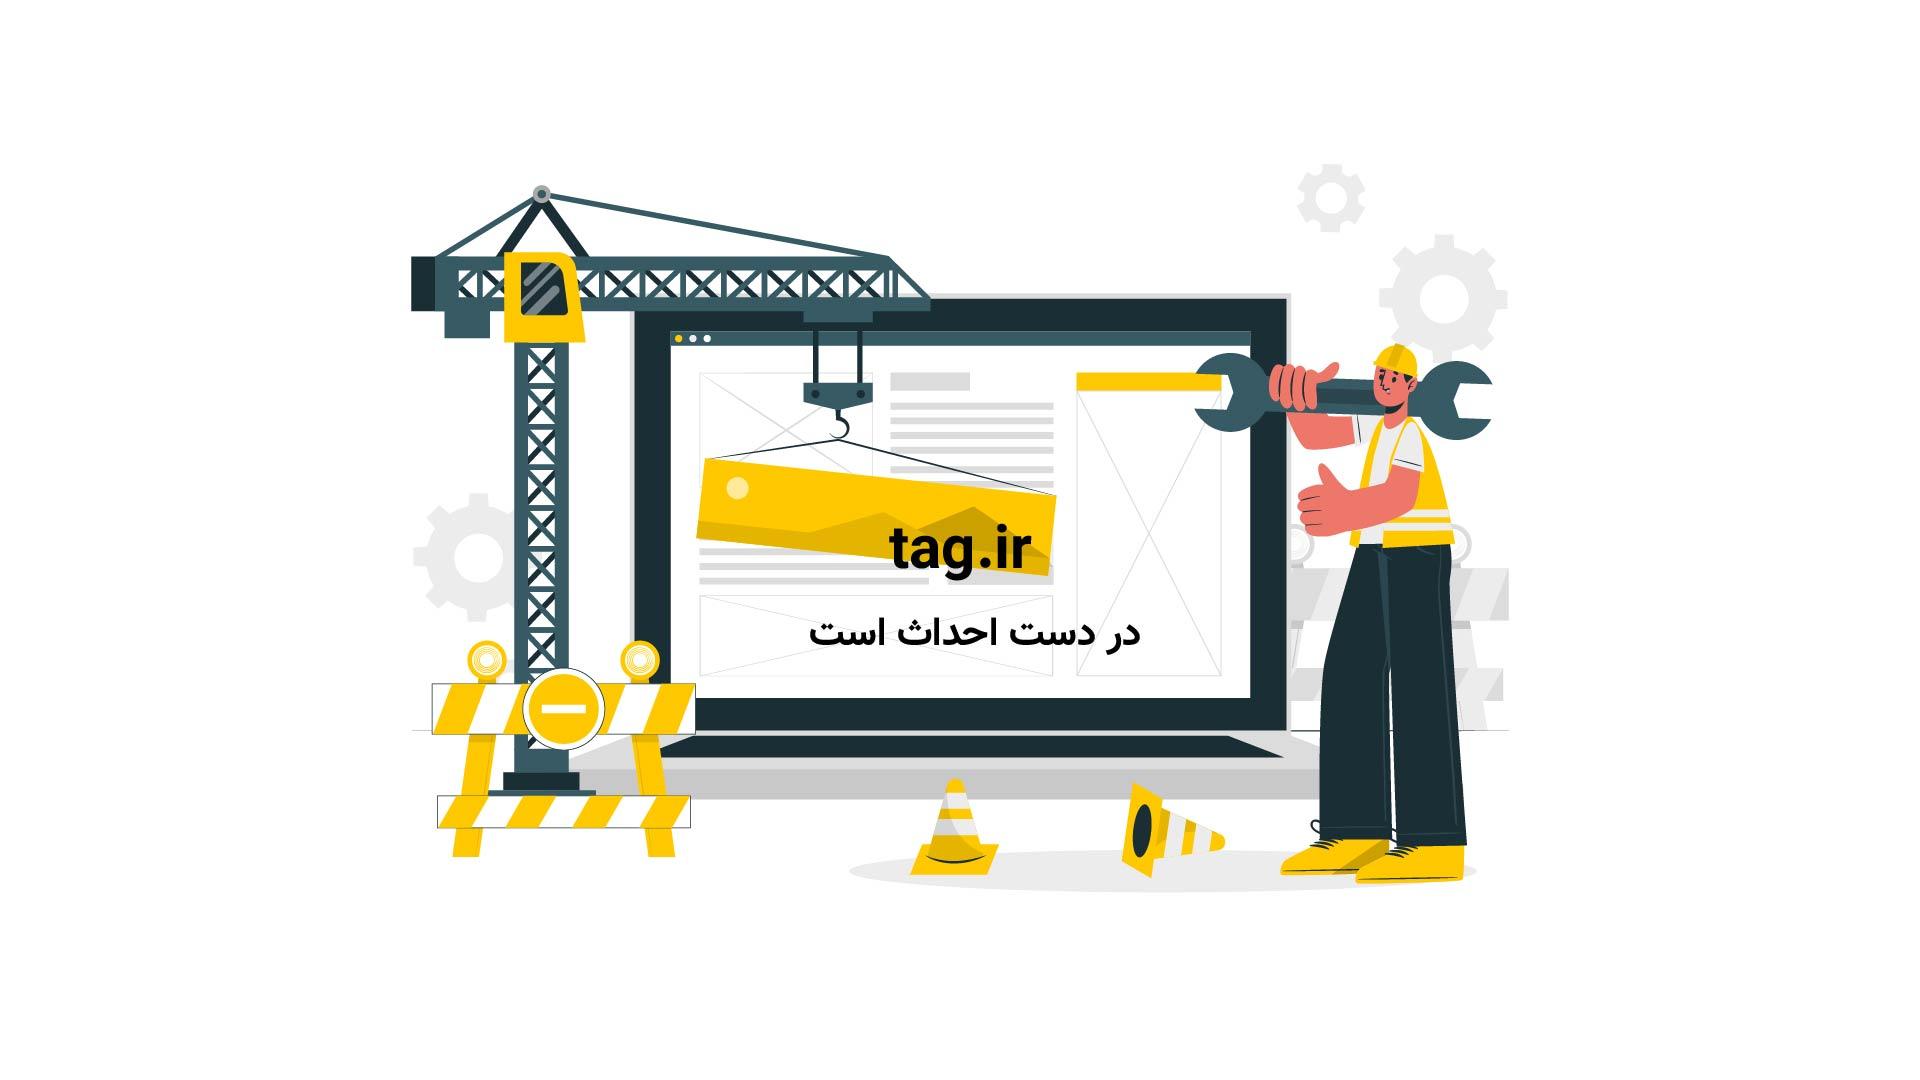 دعای روز بیستم و ششم ماه رمضان | تگ